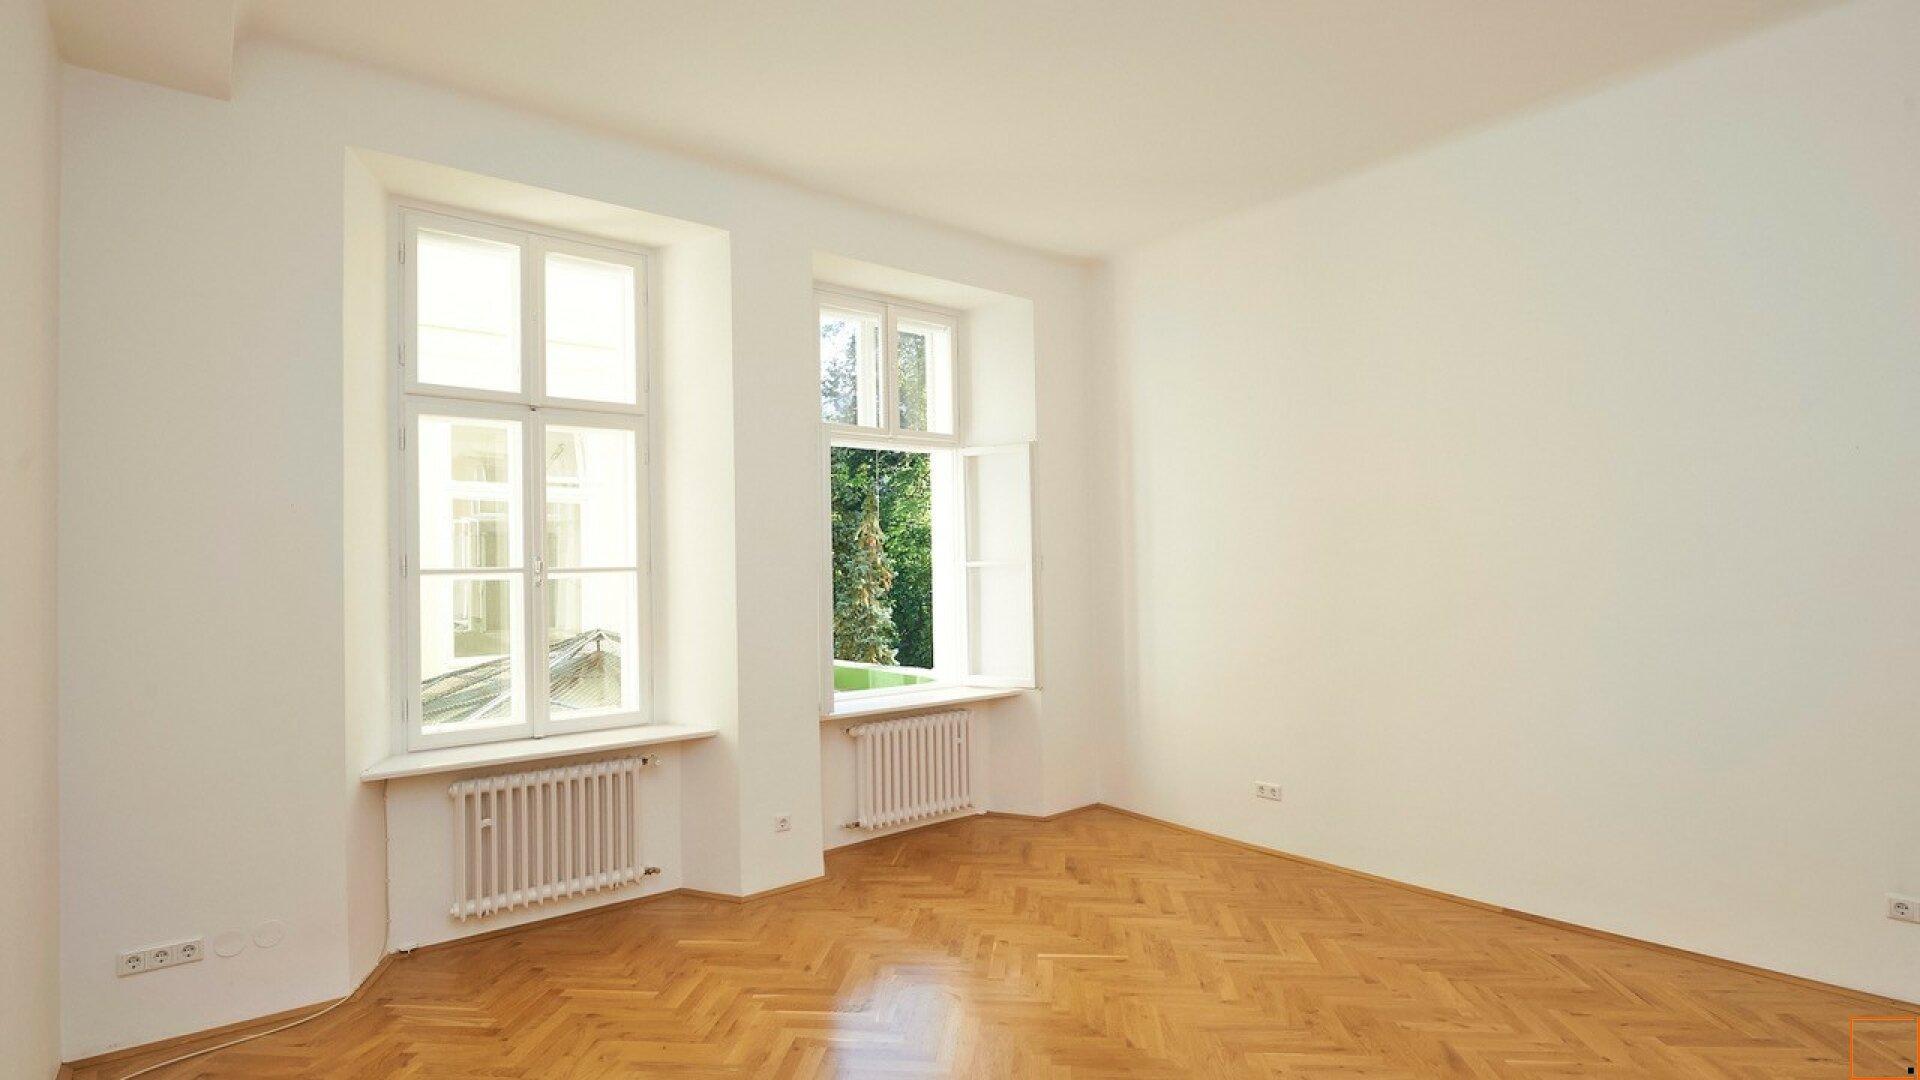 Schlafzimmer mit Blick Innenhof